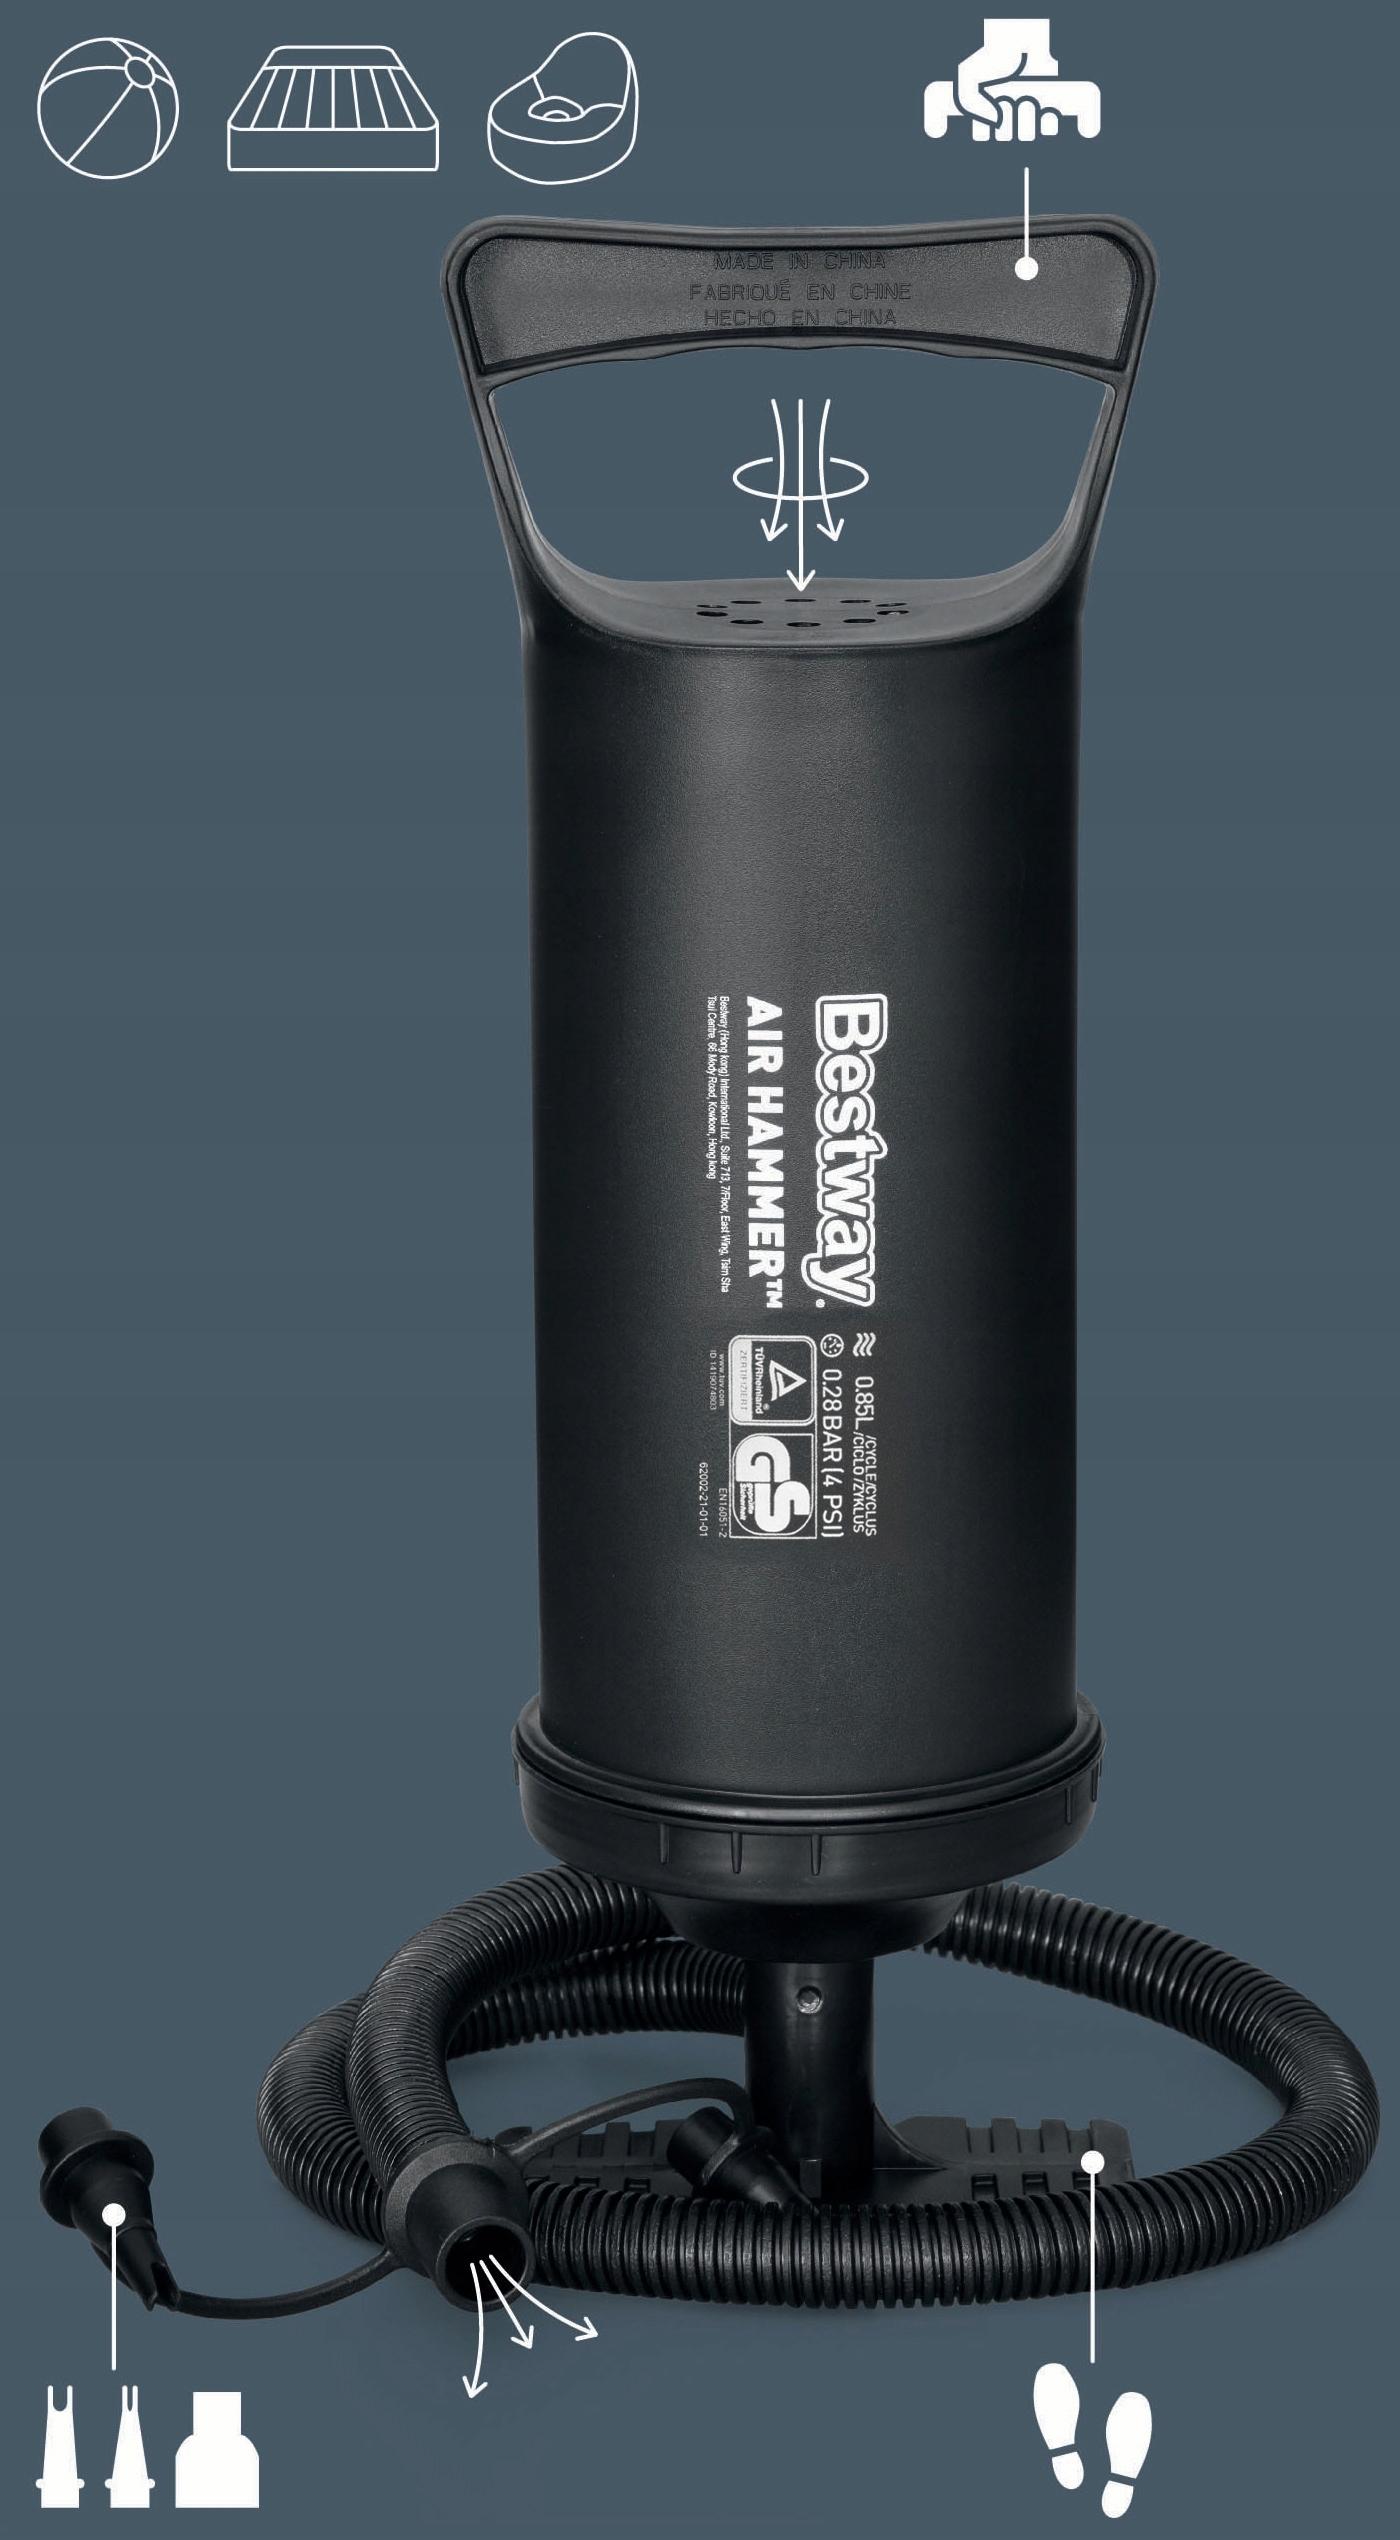 Ręczna POMPKA TŁOKOWA 30CM, BESTWAY 62002, DUŻA Kod producenta 62002